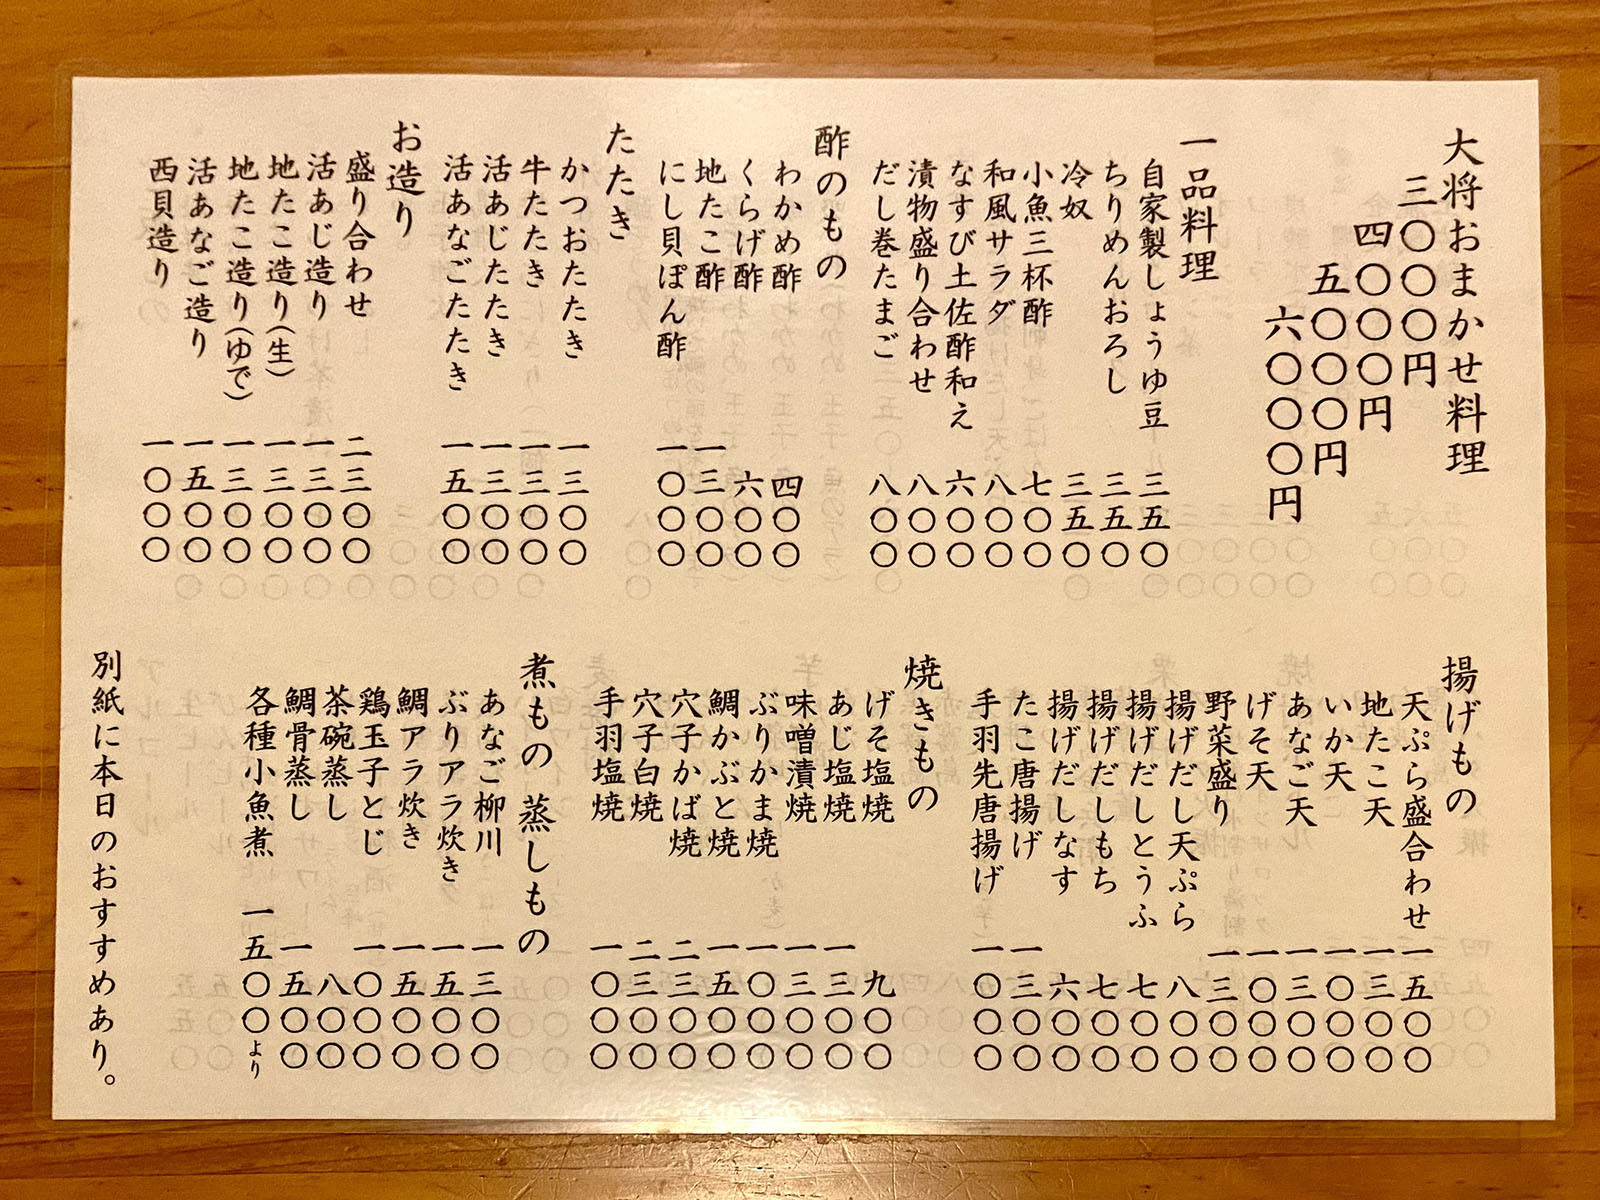 魚市場小松05 メニュー2 大将おまかせ&単品料理